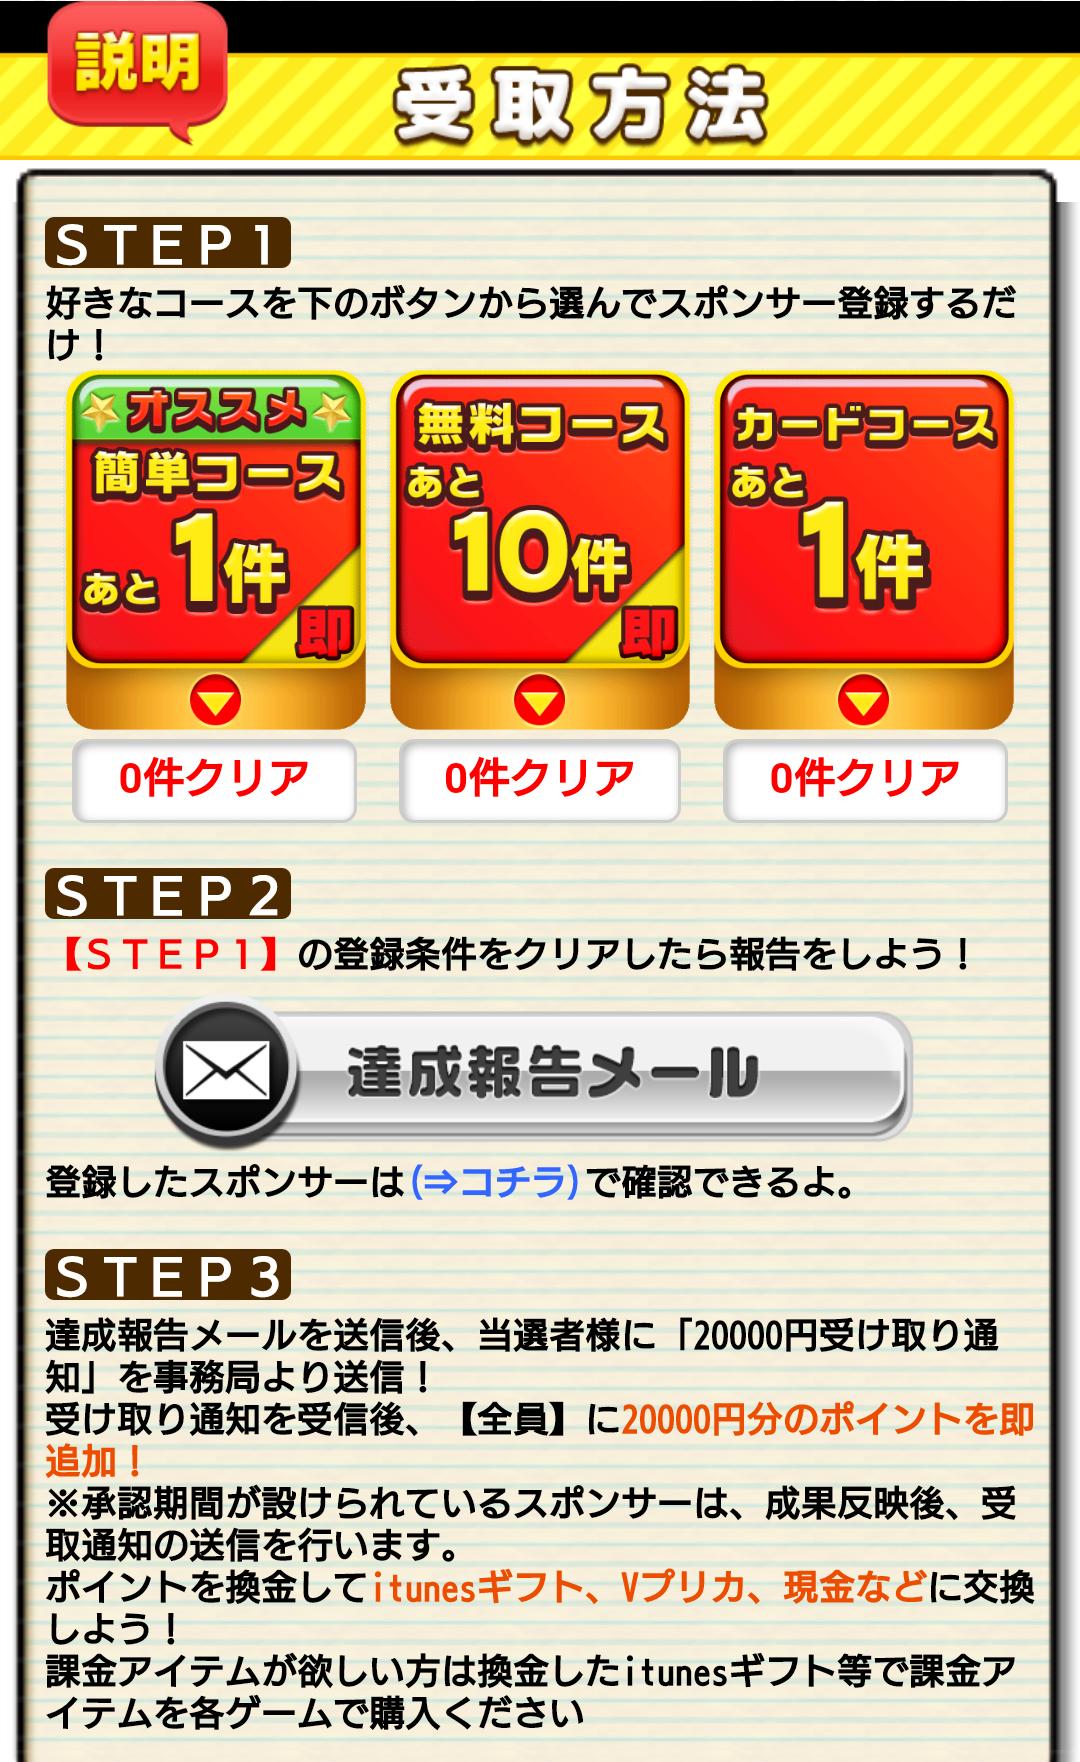 キラキラウォーカー/20,000円/受取方法